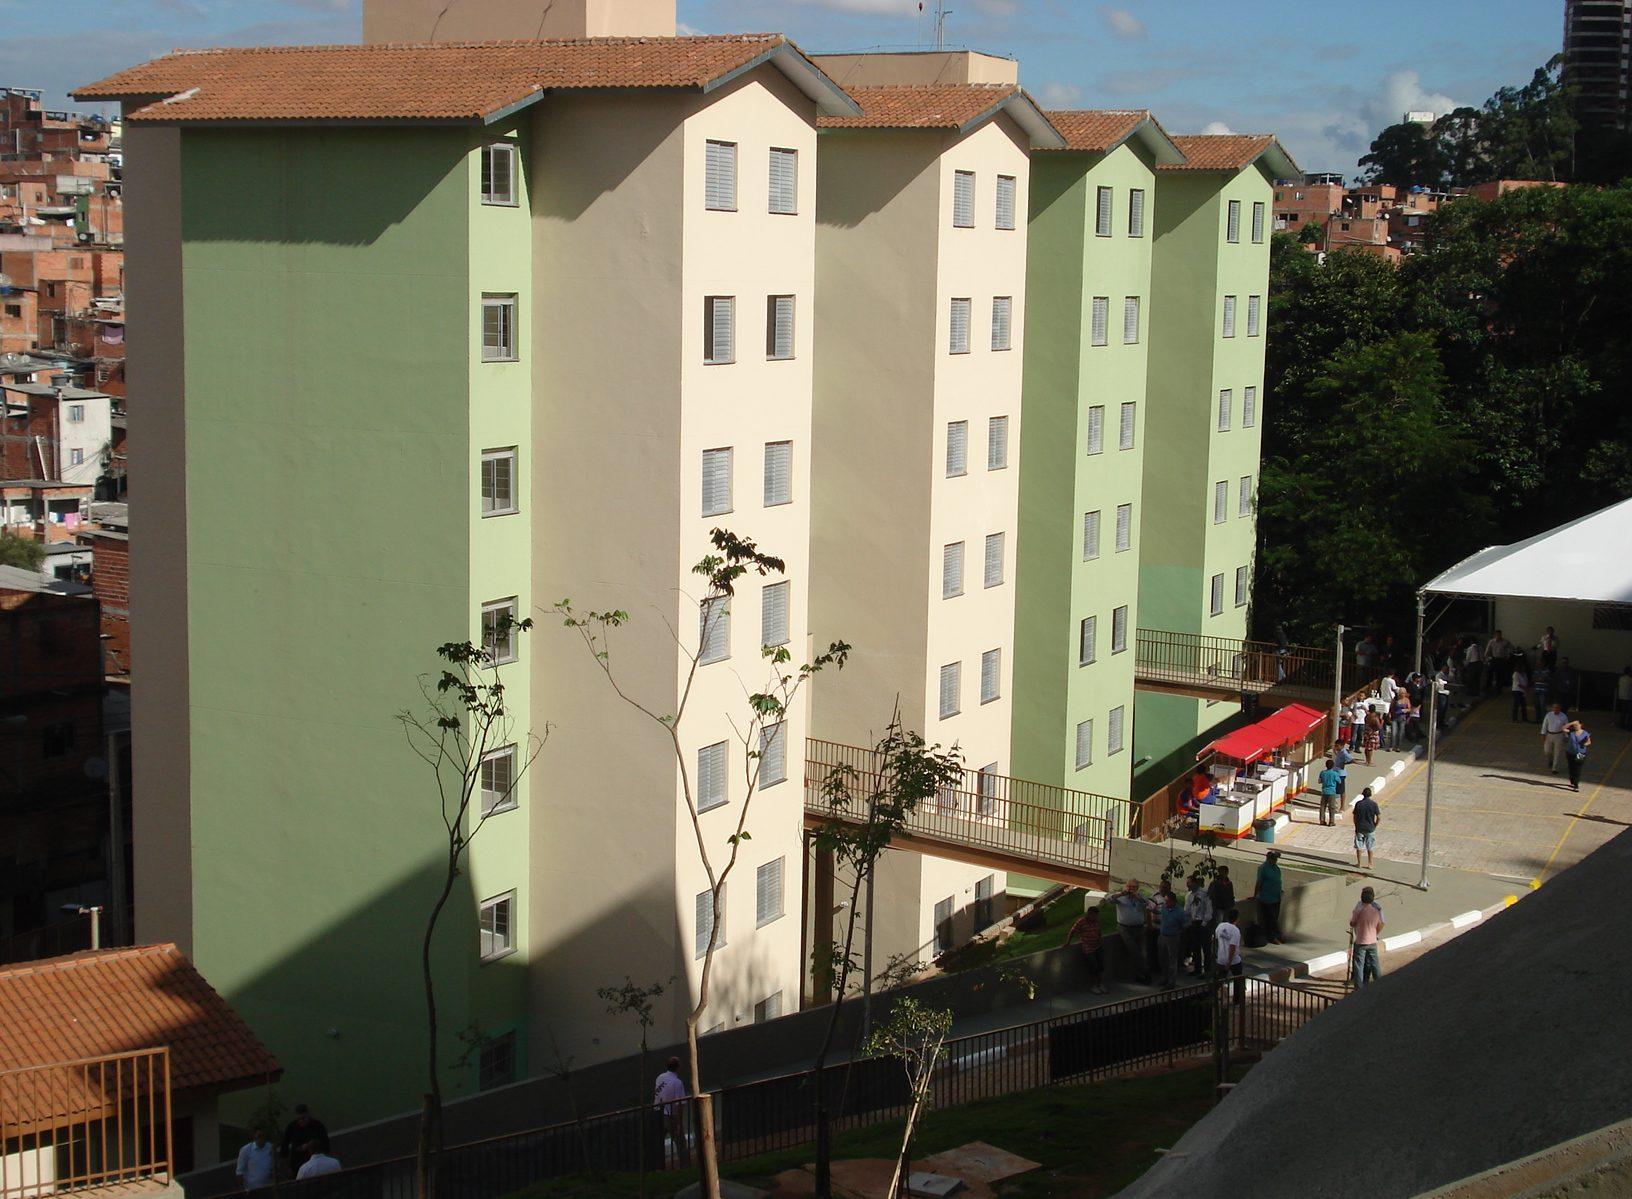 Habitação inicia processo de regularização fundiária de mil imóveis em Paraisópolis (Crédito: Divulgação Prefeitura)